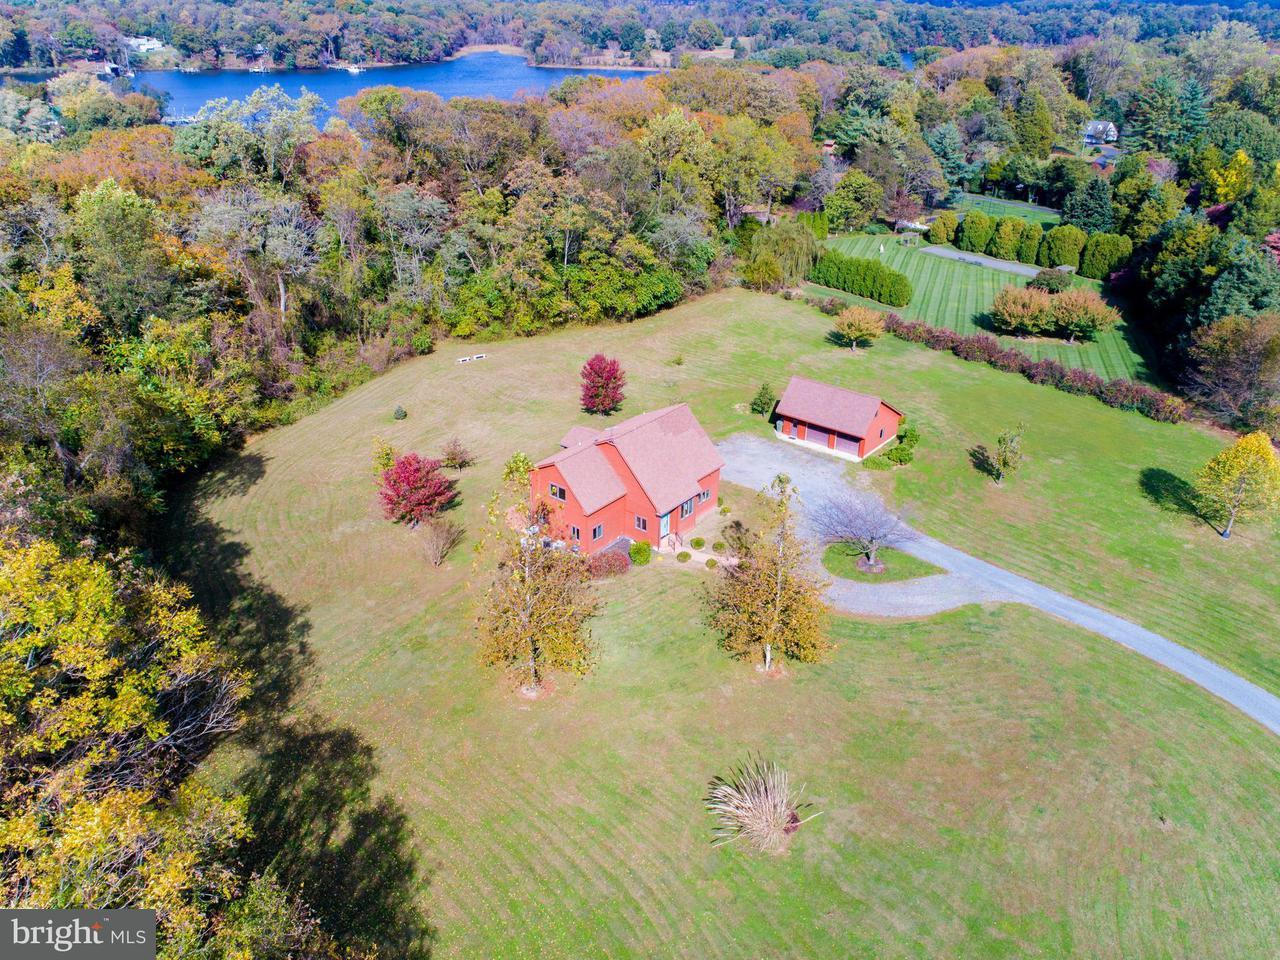 独户住宅 为 销售 在 13950 Huyett Lane 13950 Huyett Lane Galena, 马里兰州 21635 美国